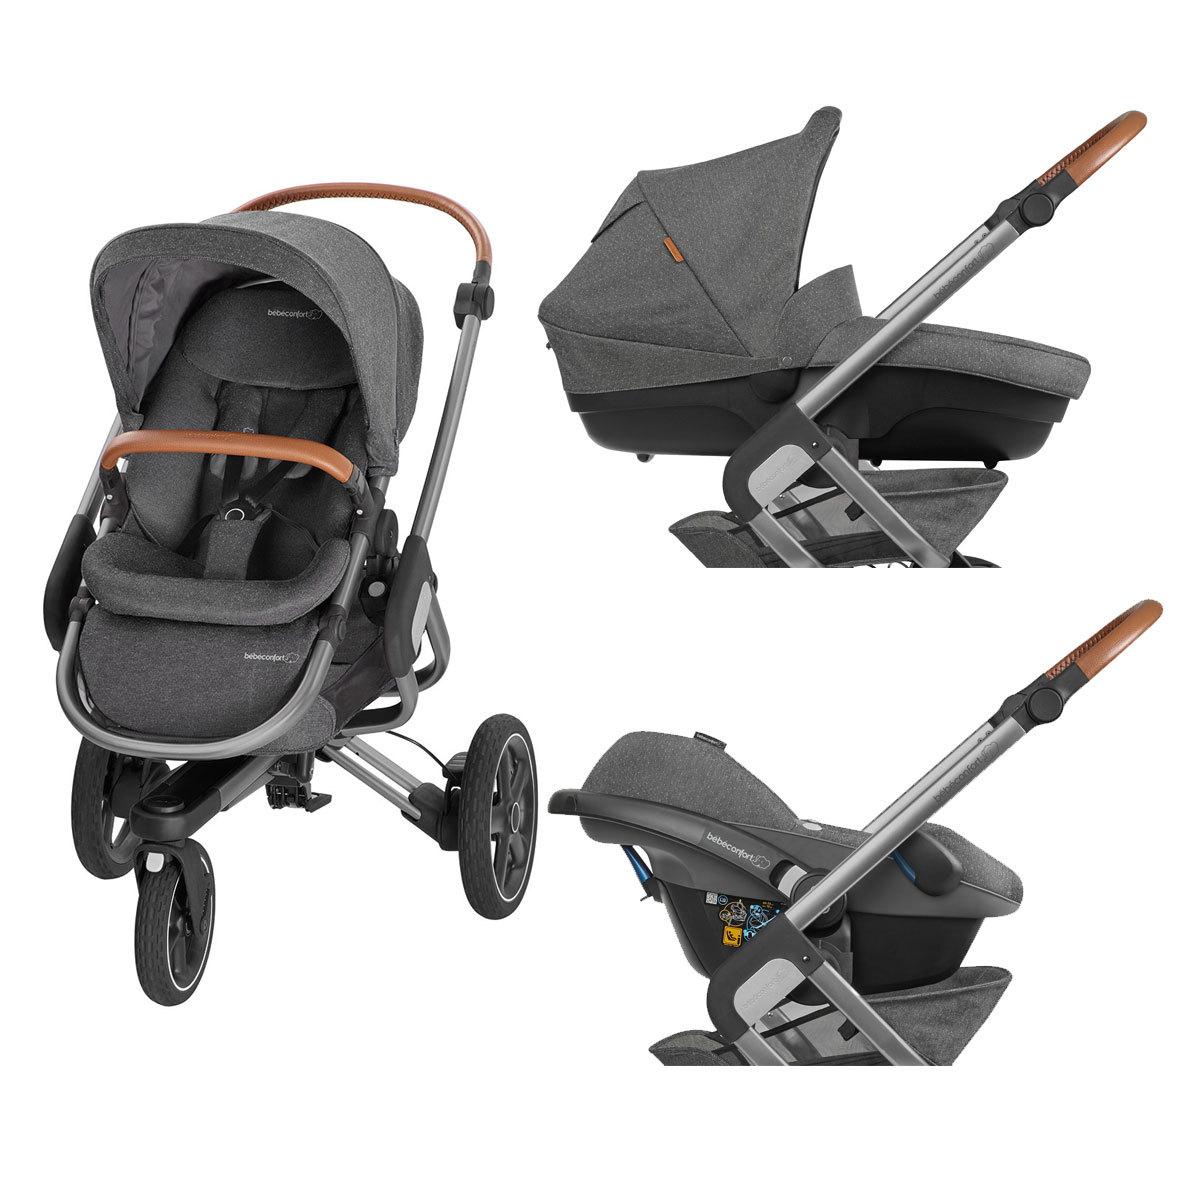 b b confort poussette de naissance nova 3 roues sparkling grey poussette citadine b b. Black Bedroom Furniture Sets. Home Design Ideas